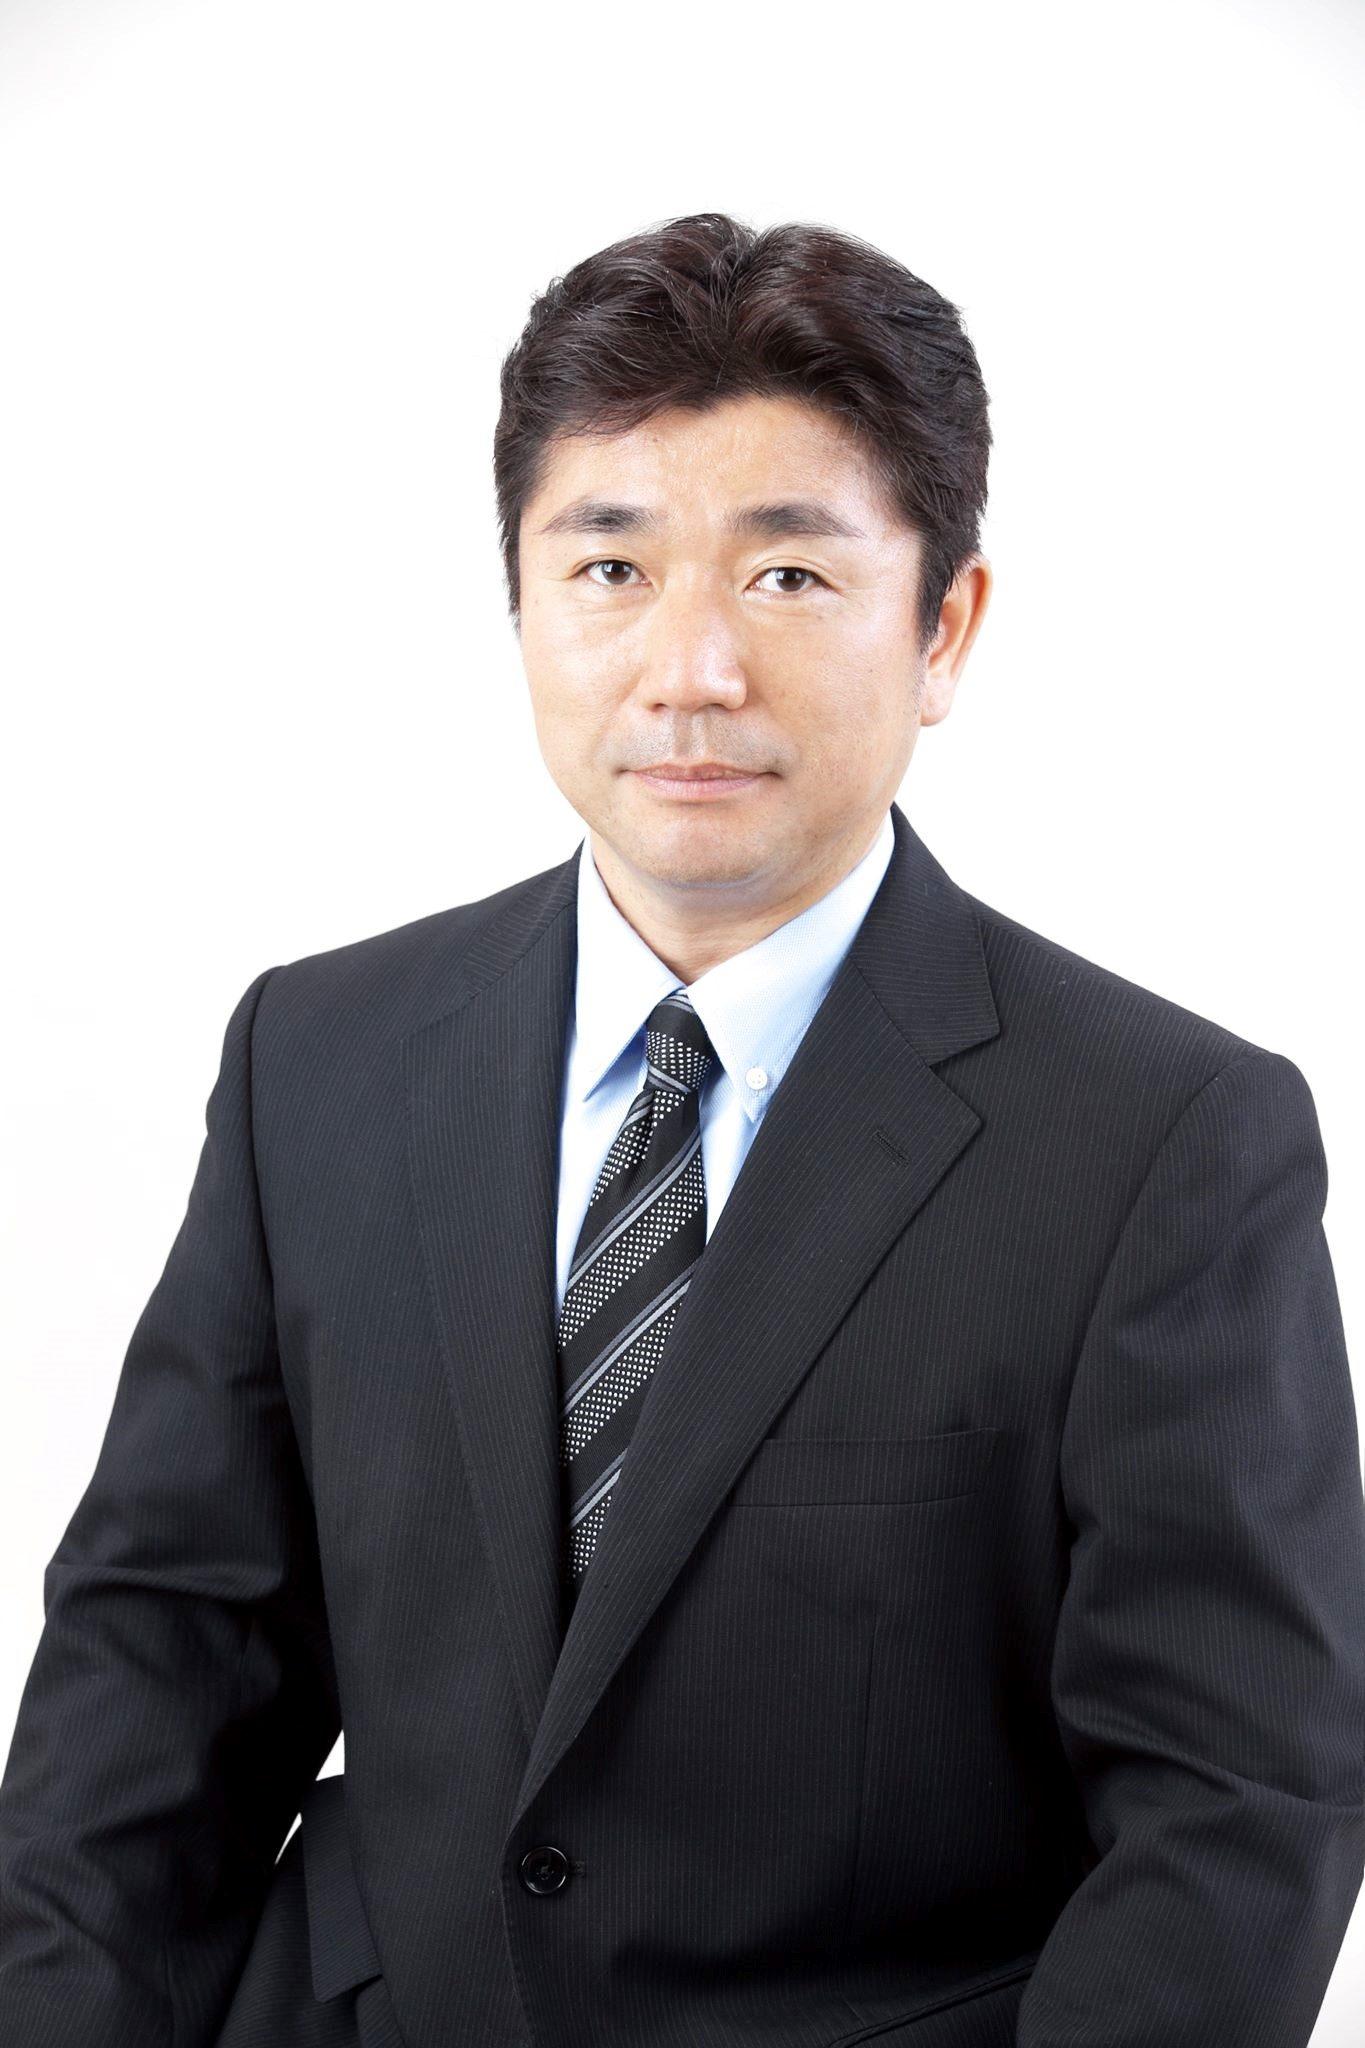 税理士・女性応援コンサルタント 遠藤公也さん